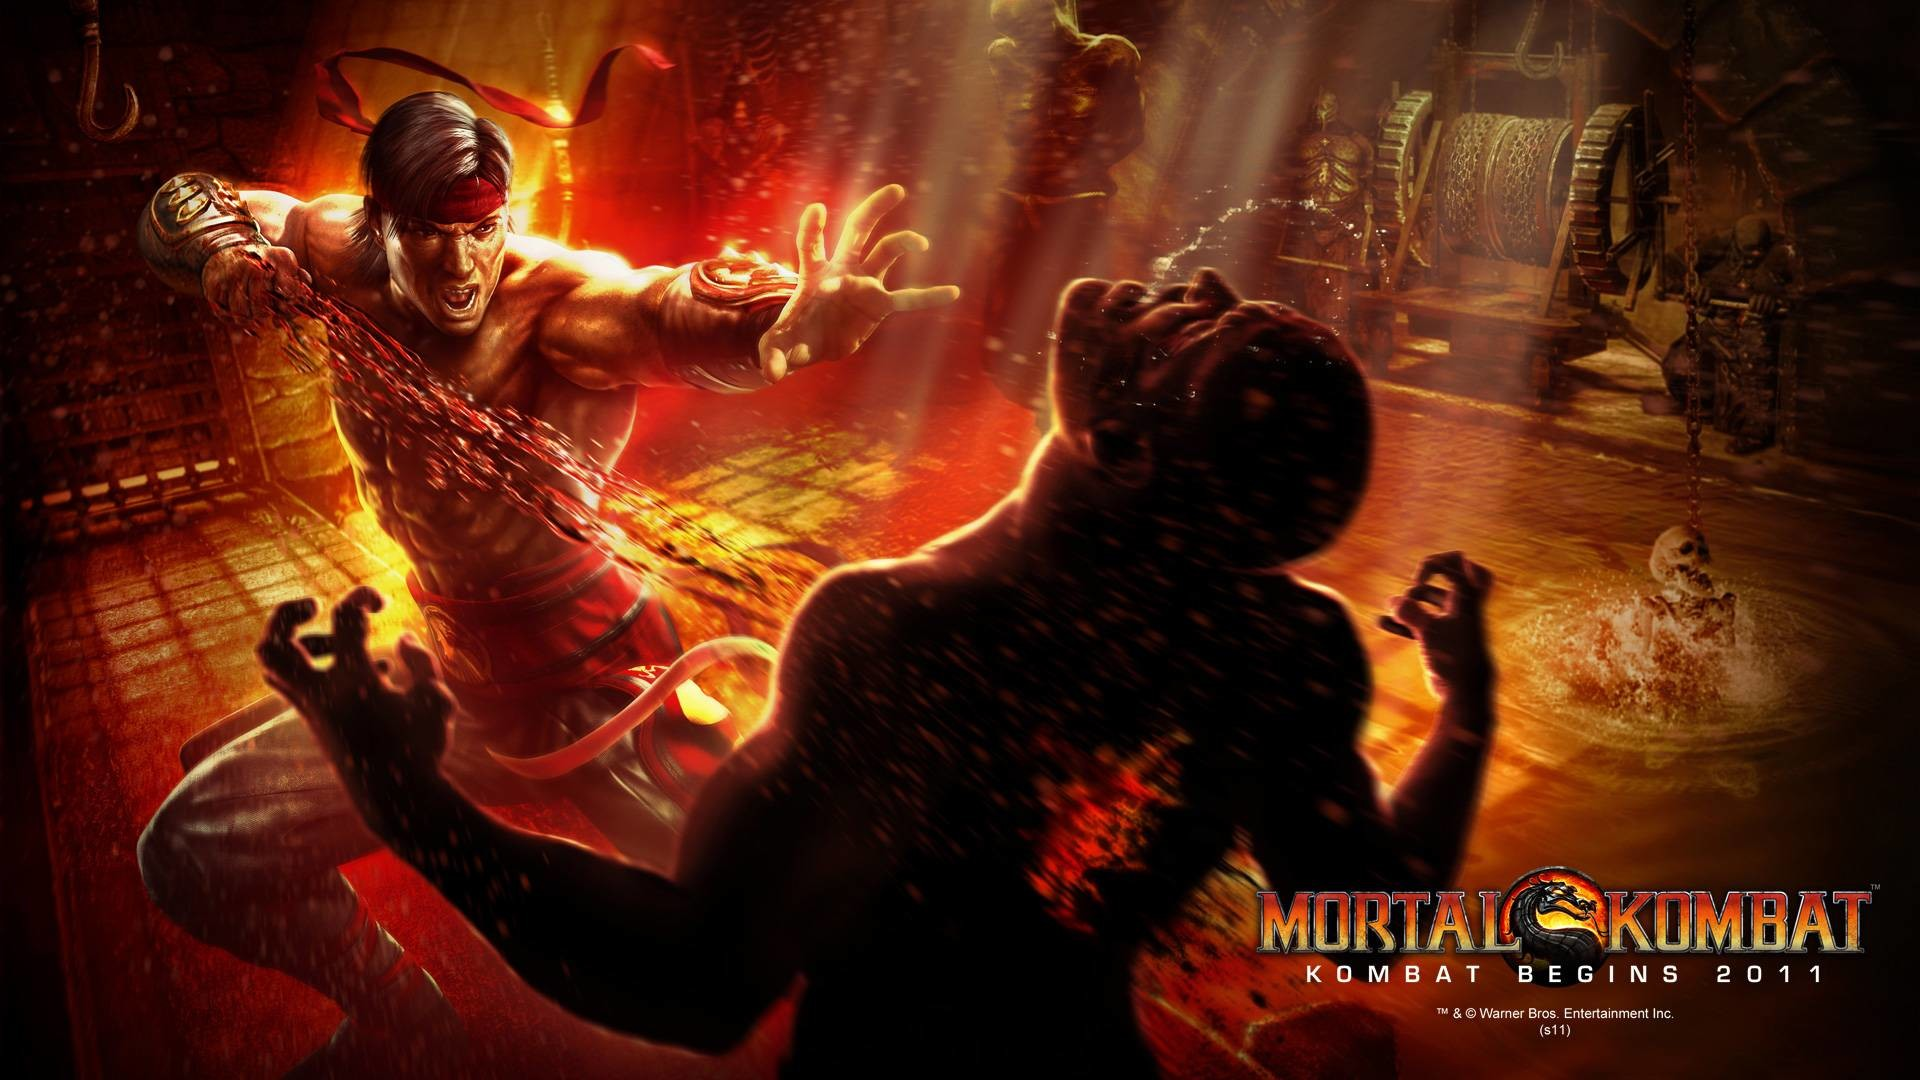 Sub Zero Mortal Kombat Wallpaper 1920×1080 Imagenes De Mortal Kombat  Wallpapers (31 Wallpapers